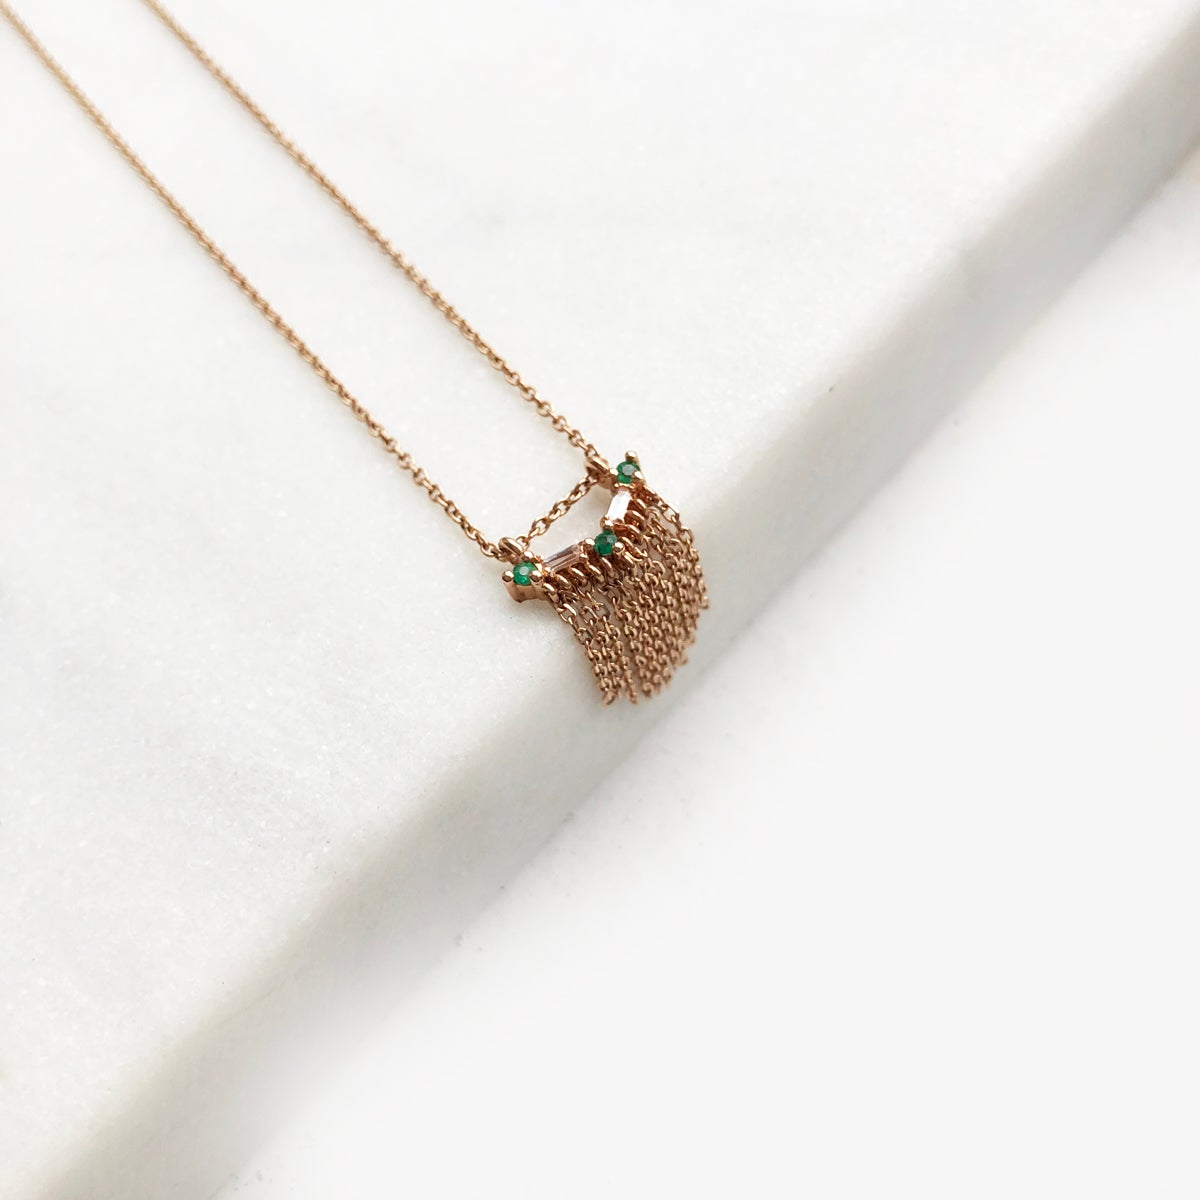 Image of Deco Fringe Necklace